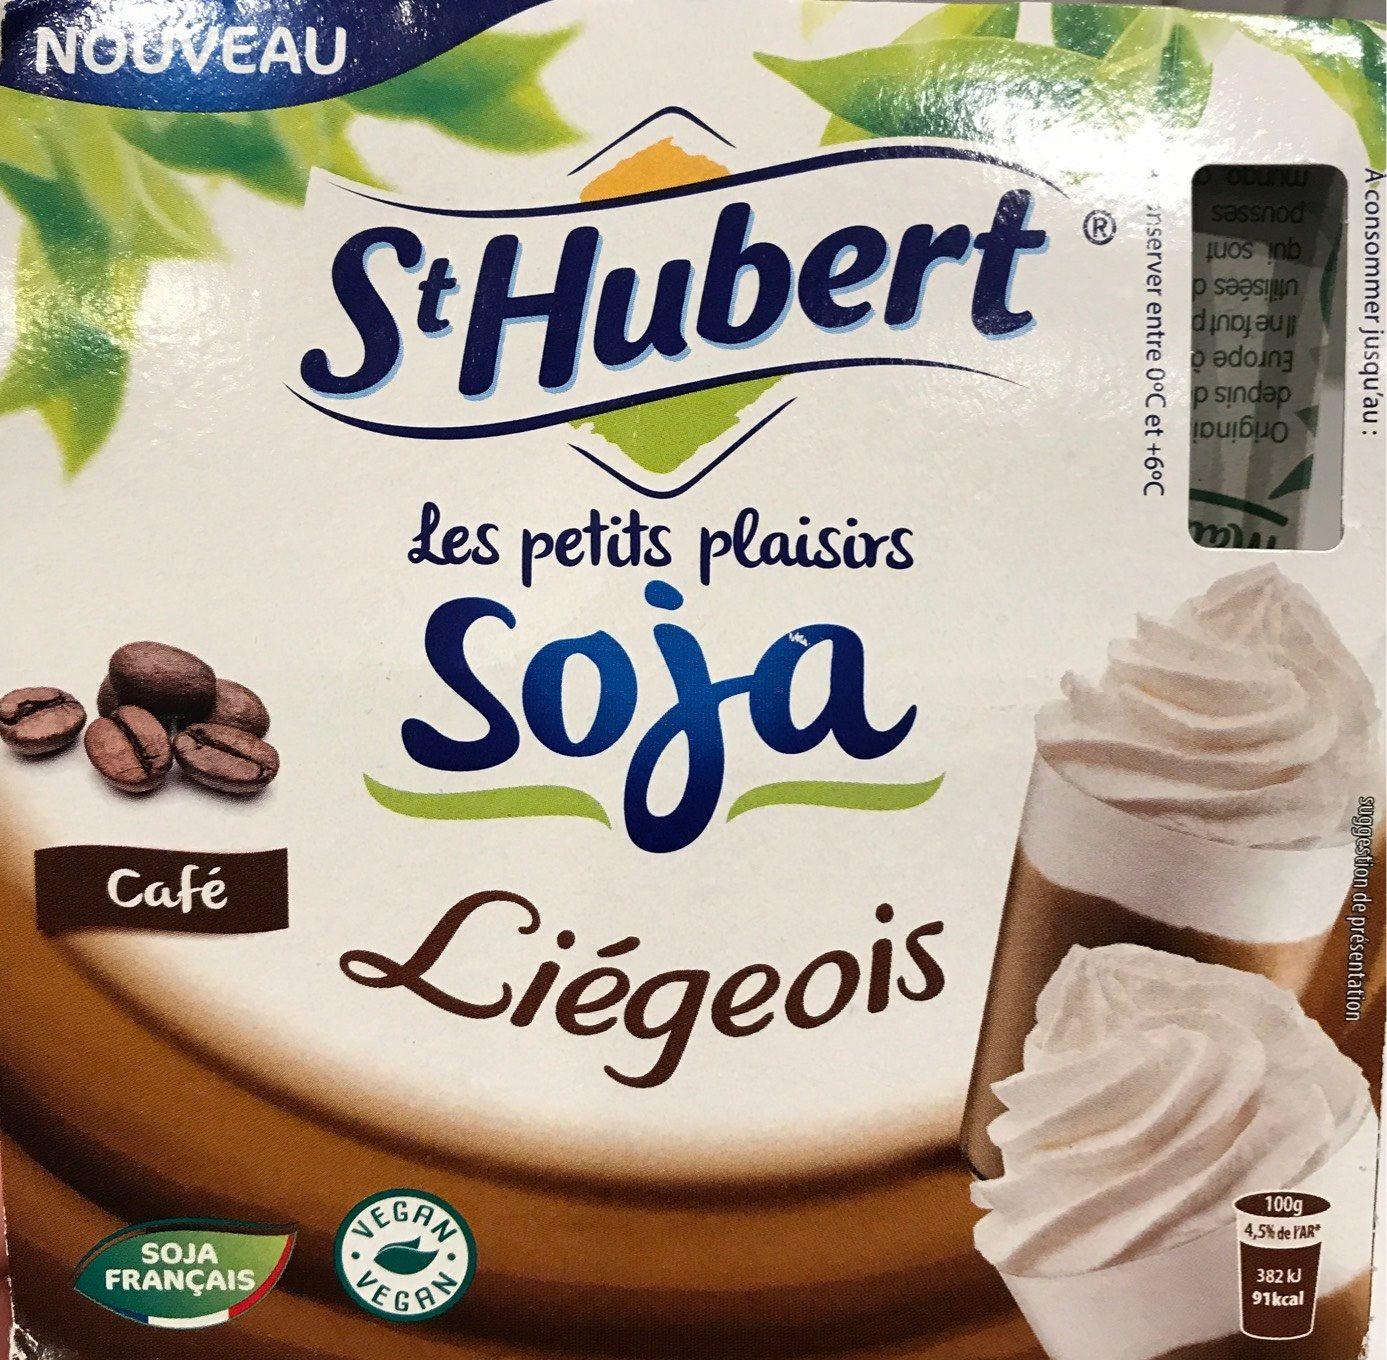 Liégeois soja café - Product - fr